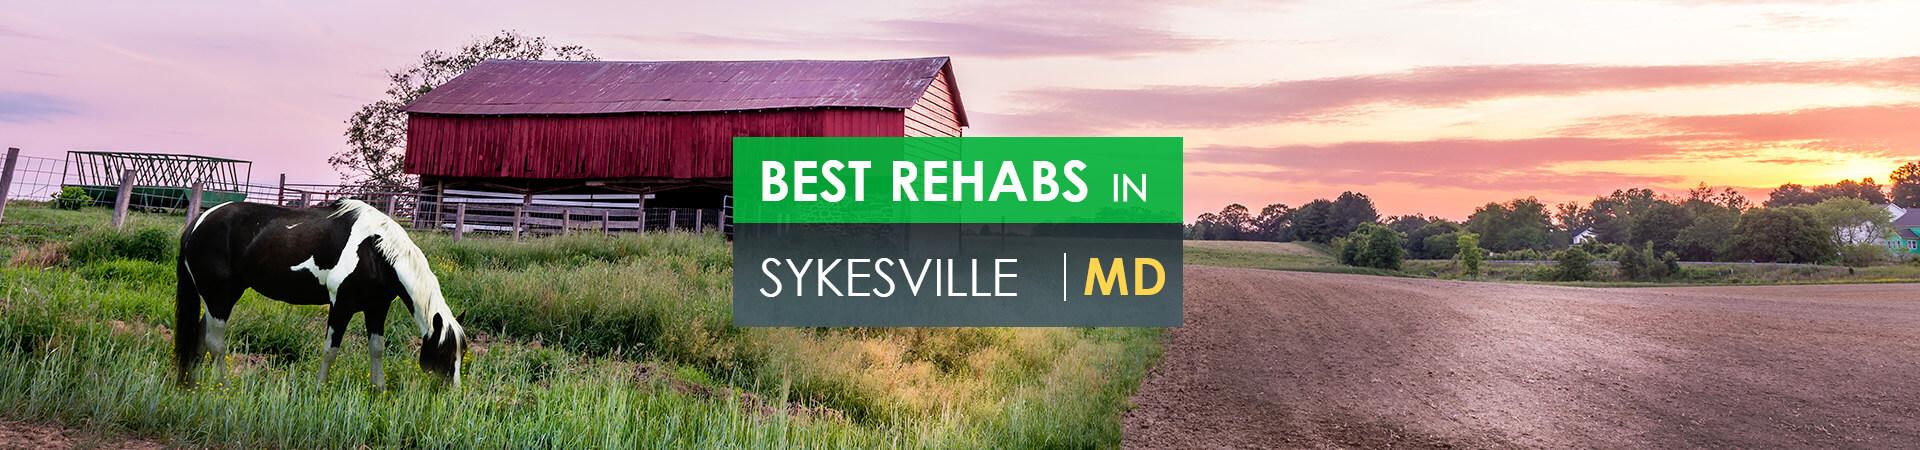 Best rehabs in Sykesville, MD